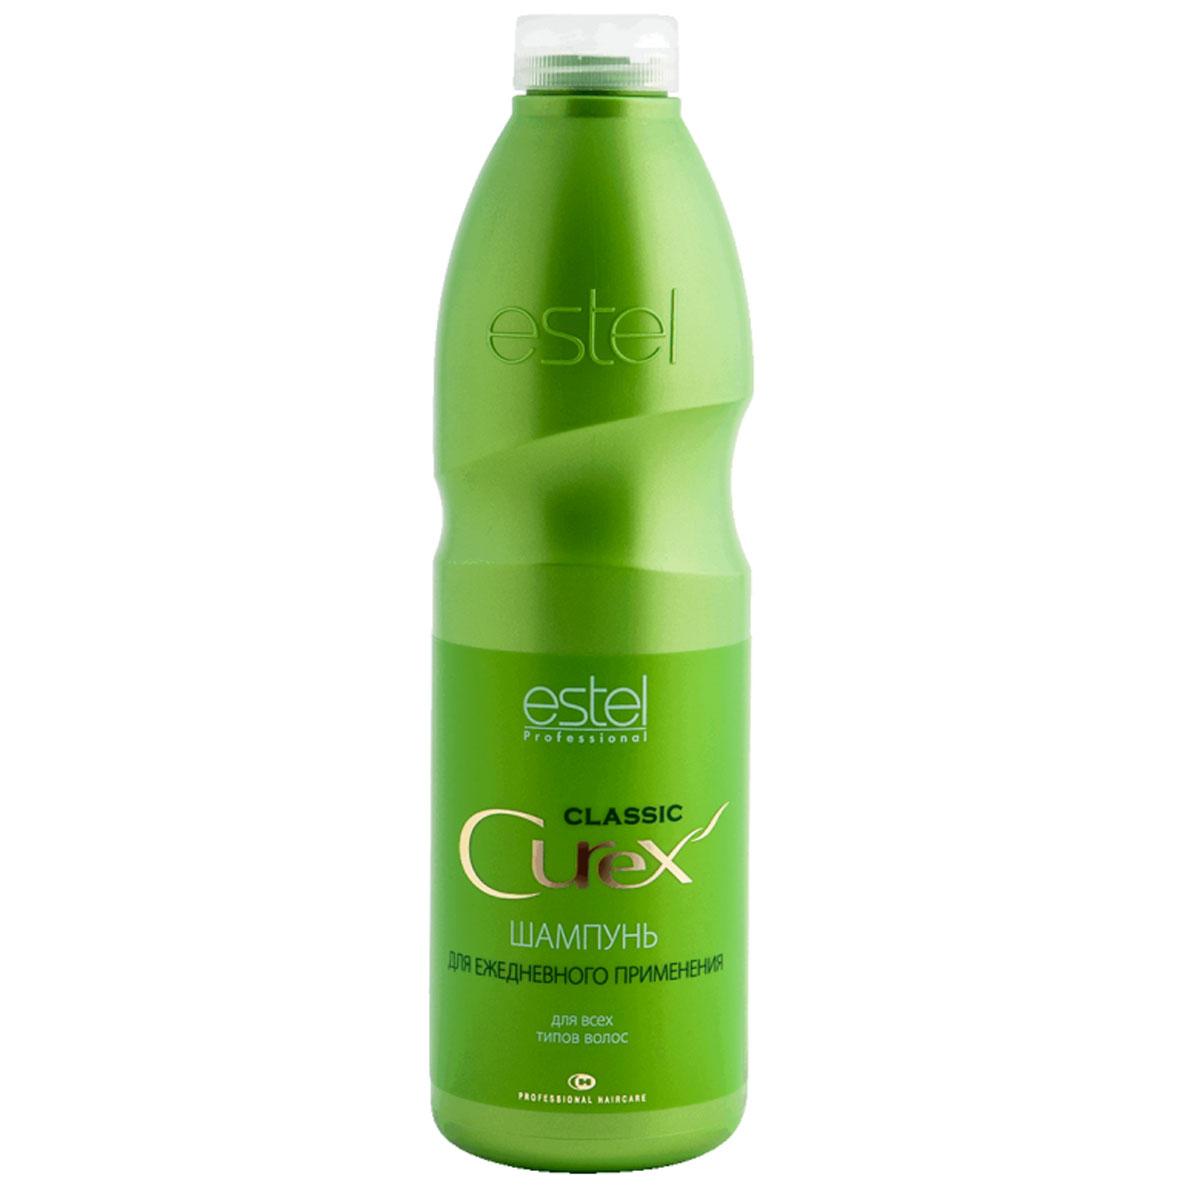 Estel Curex Classiс Шампунь Увлажнение и Питание для ежедневного применения 1000 млCU1000/S8ESTEL CUREX CLASSIC ШАМПУНЬ «УВЛАЖНЕНИЕ И ПИТАНИЕ»для всех типов волосСодержит хитозан, который увлажняет волосы и предохраняет их от потери влаги. Питающий провитамин В5 укрепляет волосы, придает им эластичность и здоровый блеск.Результат:Здоровые и крепкие волосыПитание и увлажнениеМягкое очищение